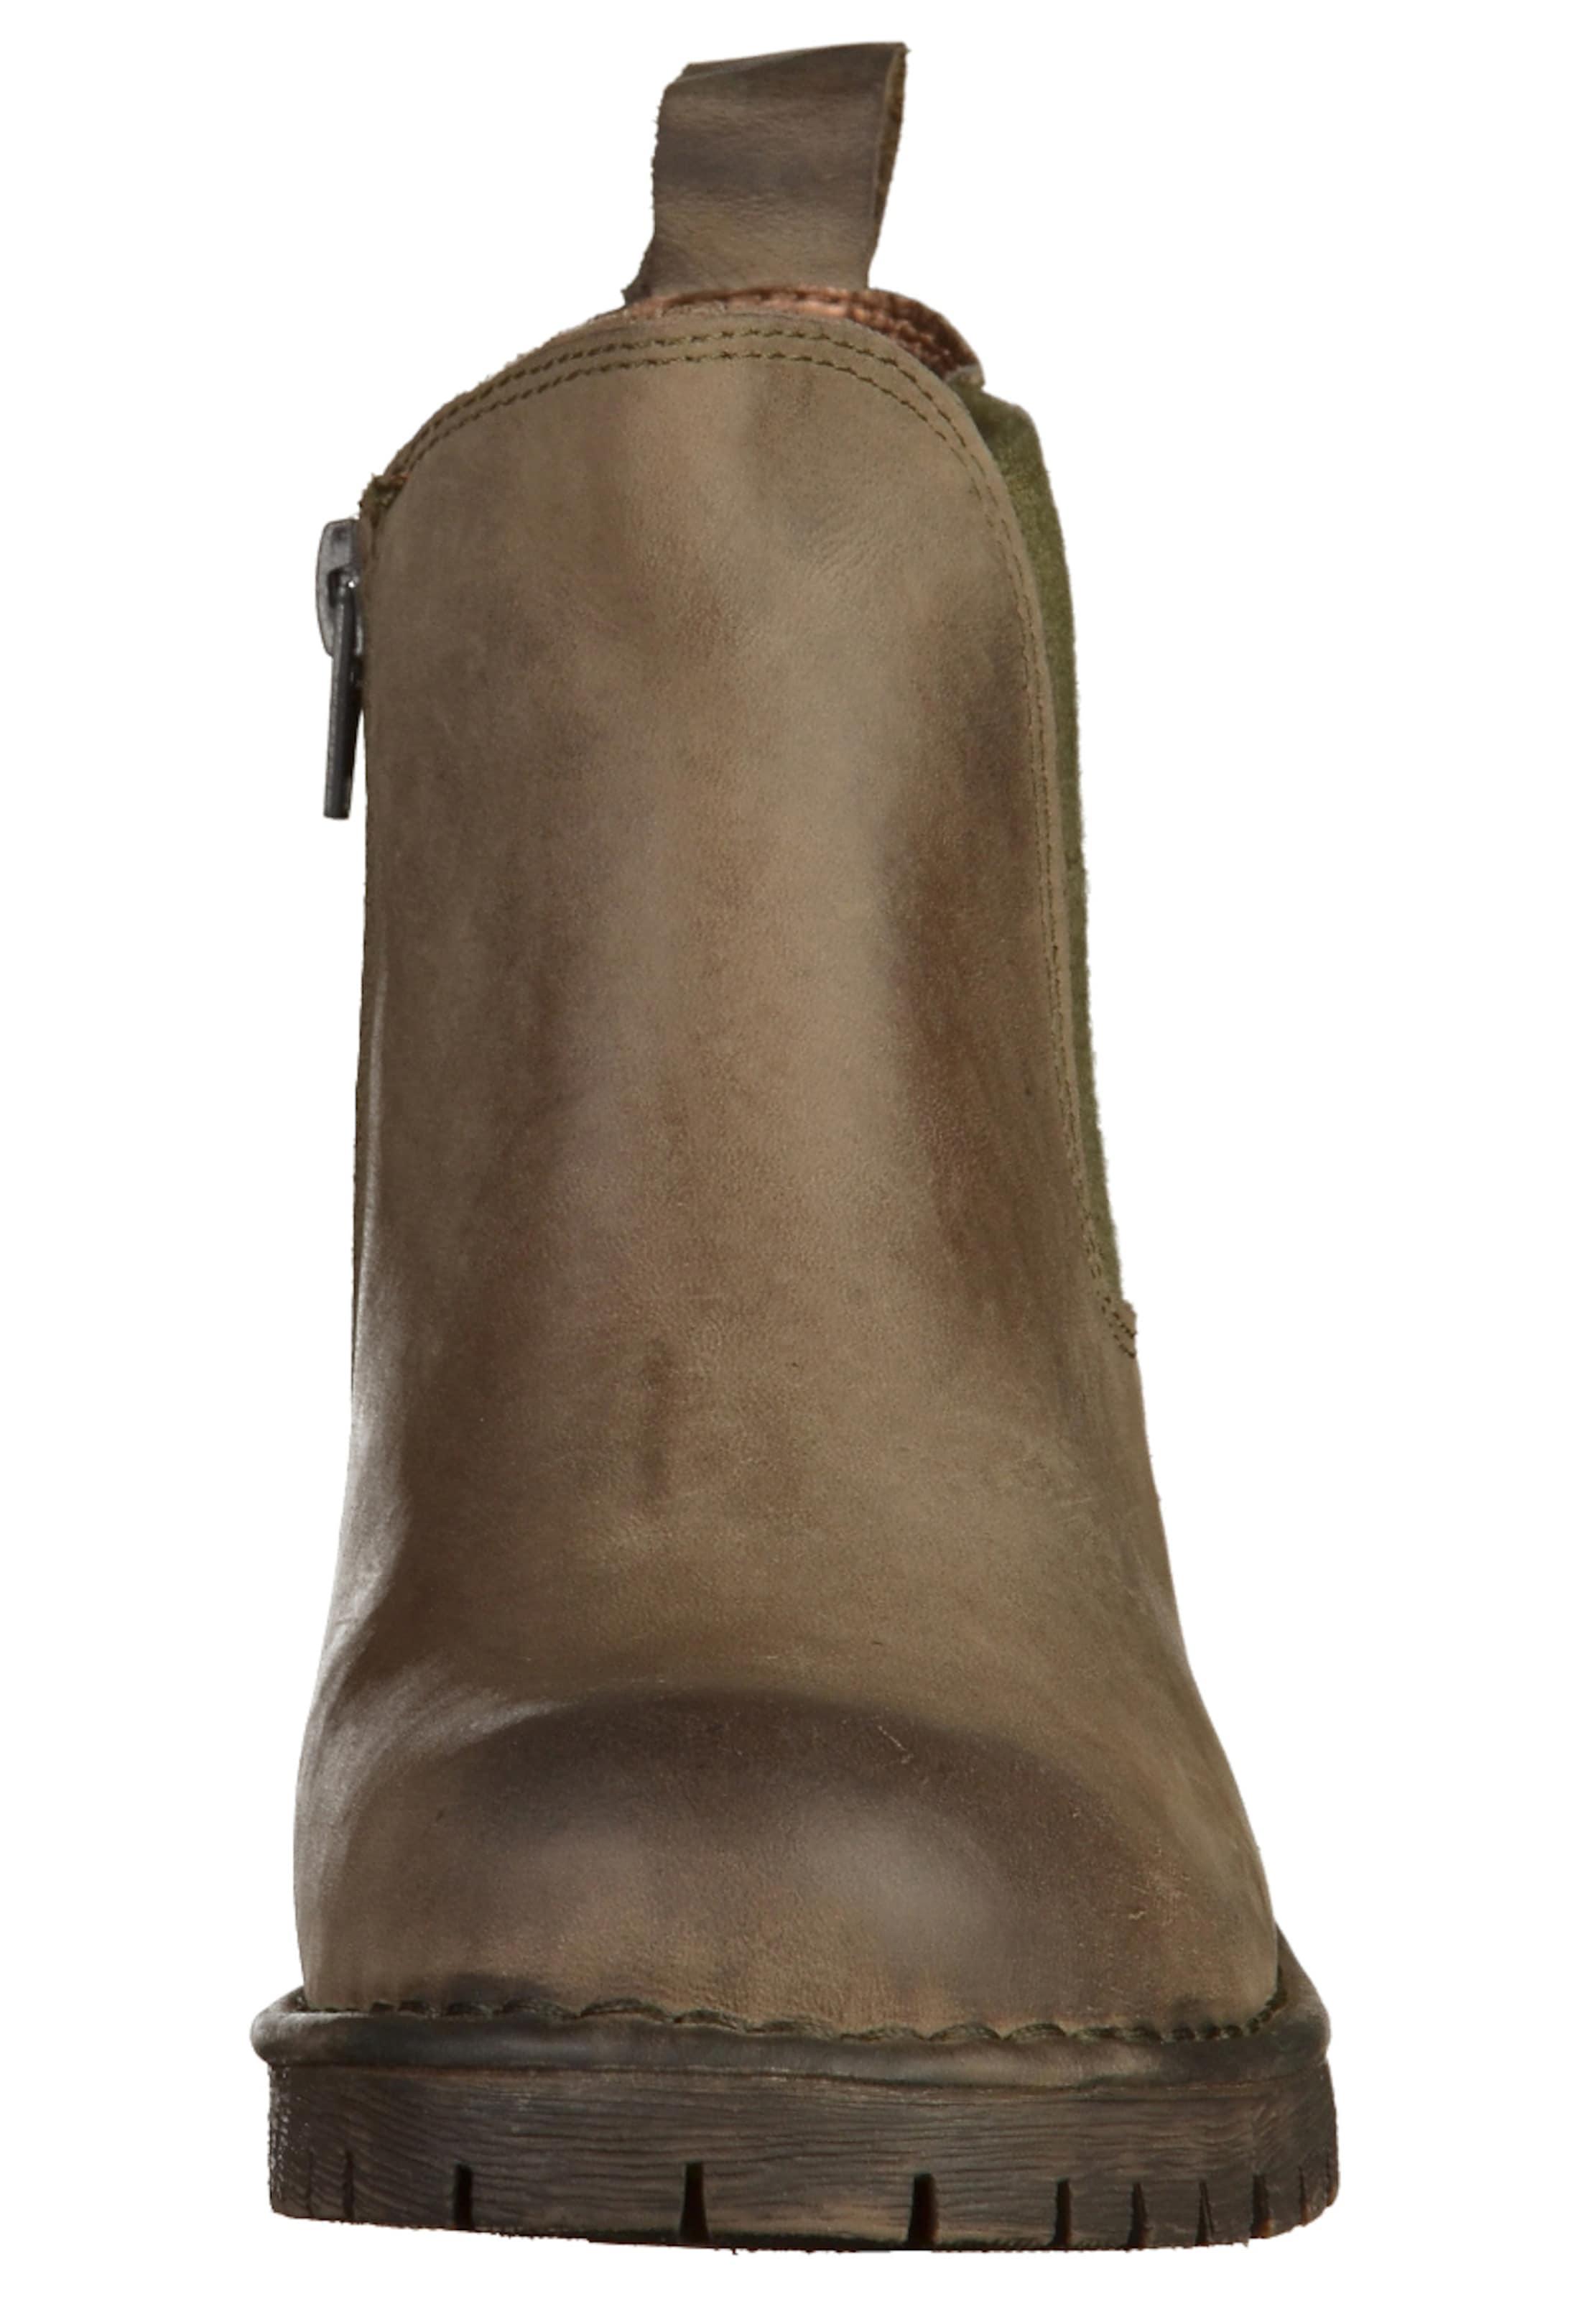 Für Billig Günstig Online bugatti Stiefelette Neue Ankunft Art Und Weise Billig Verkauf Angebote SlDW8pZ